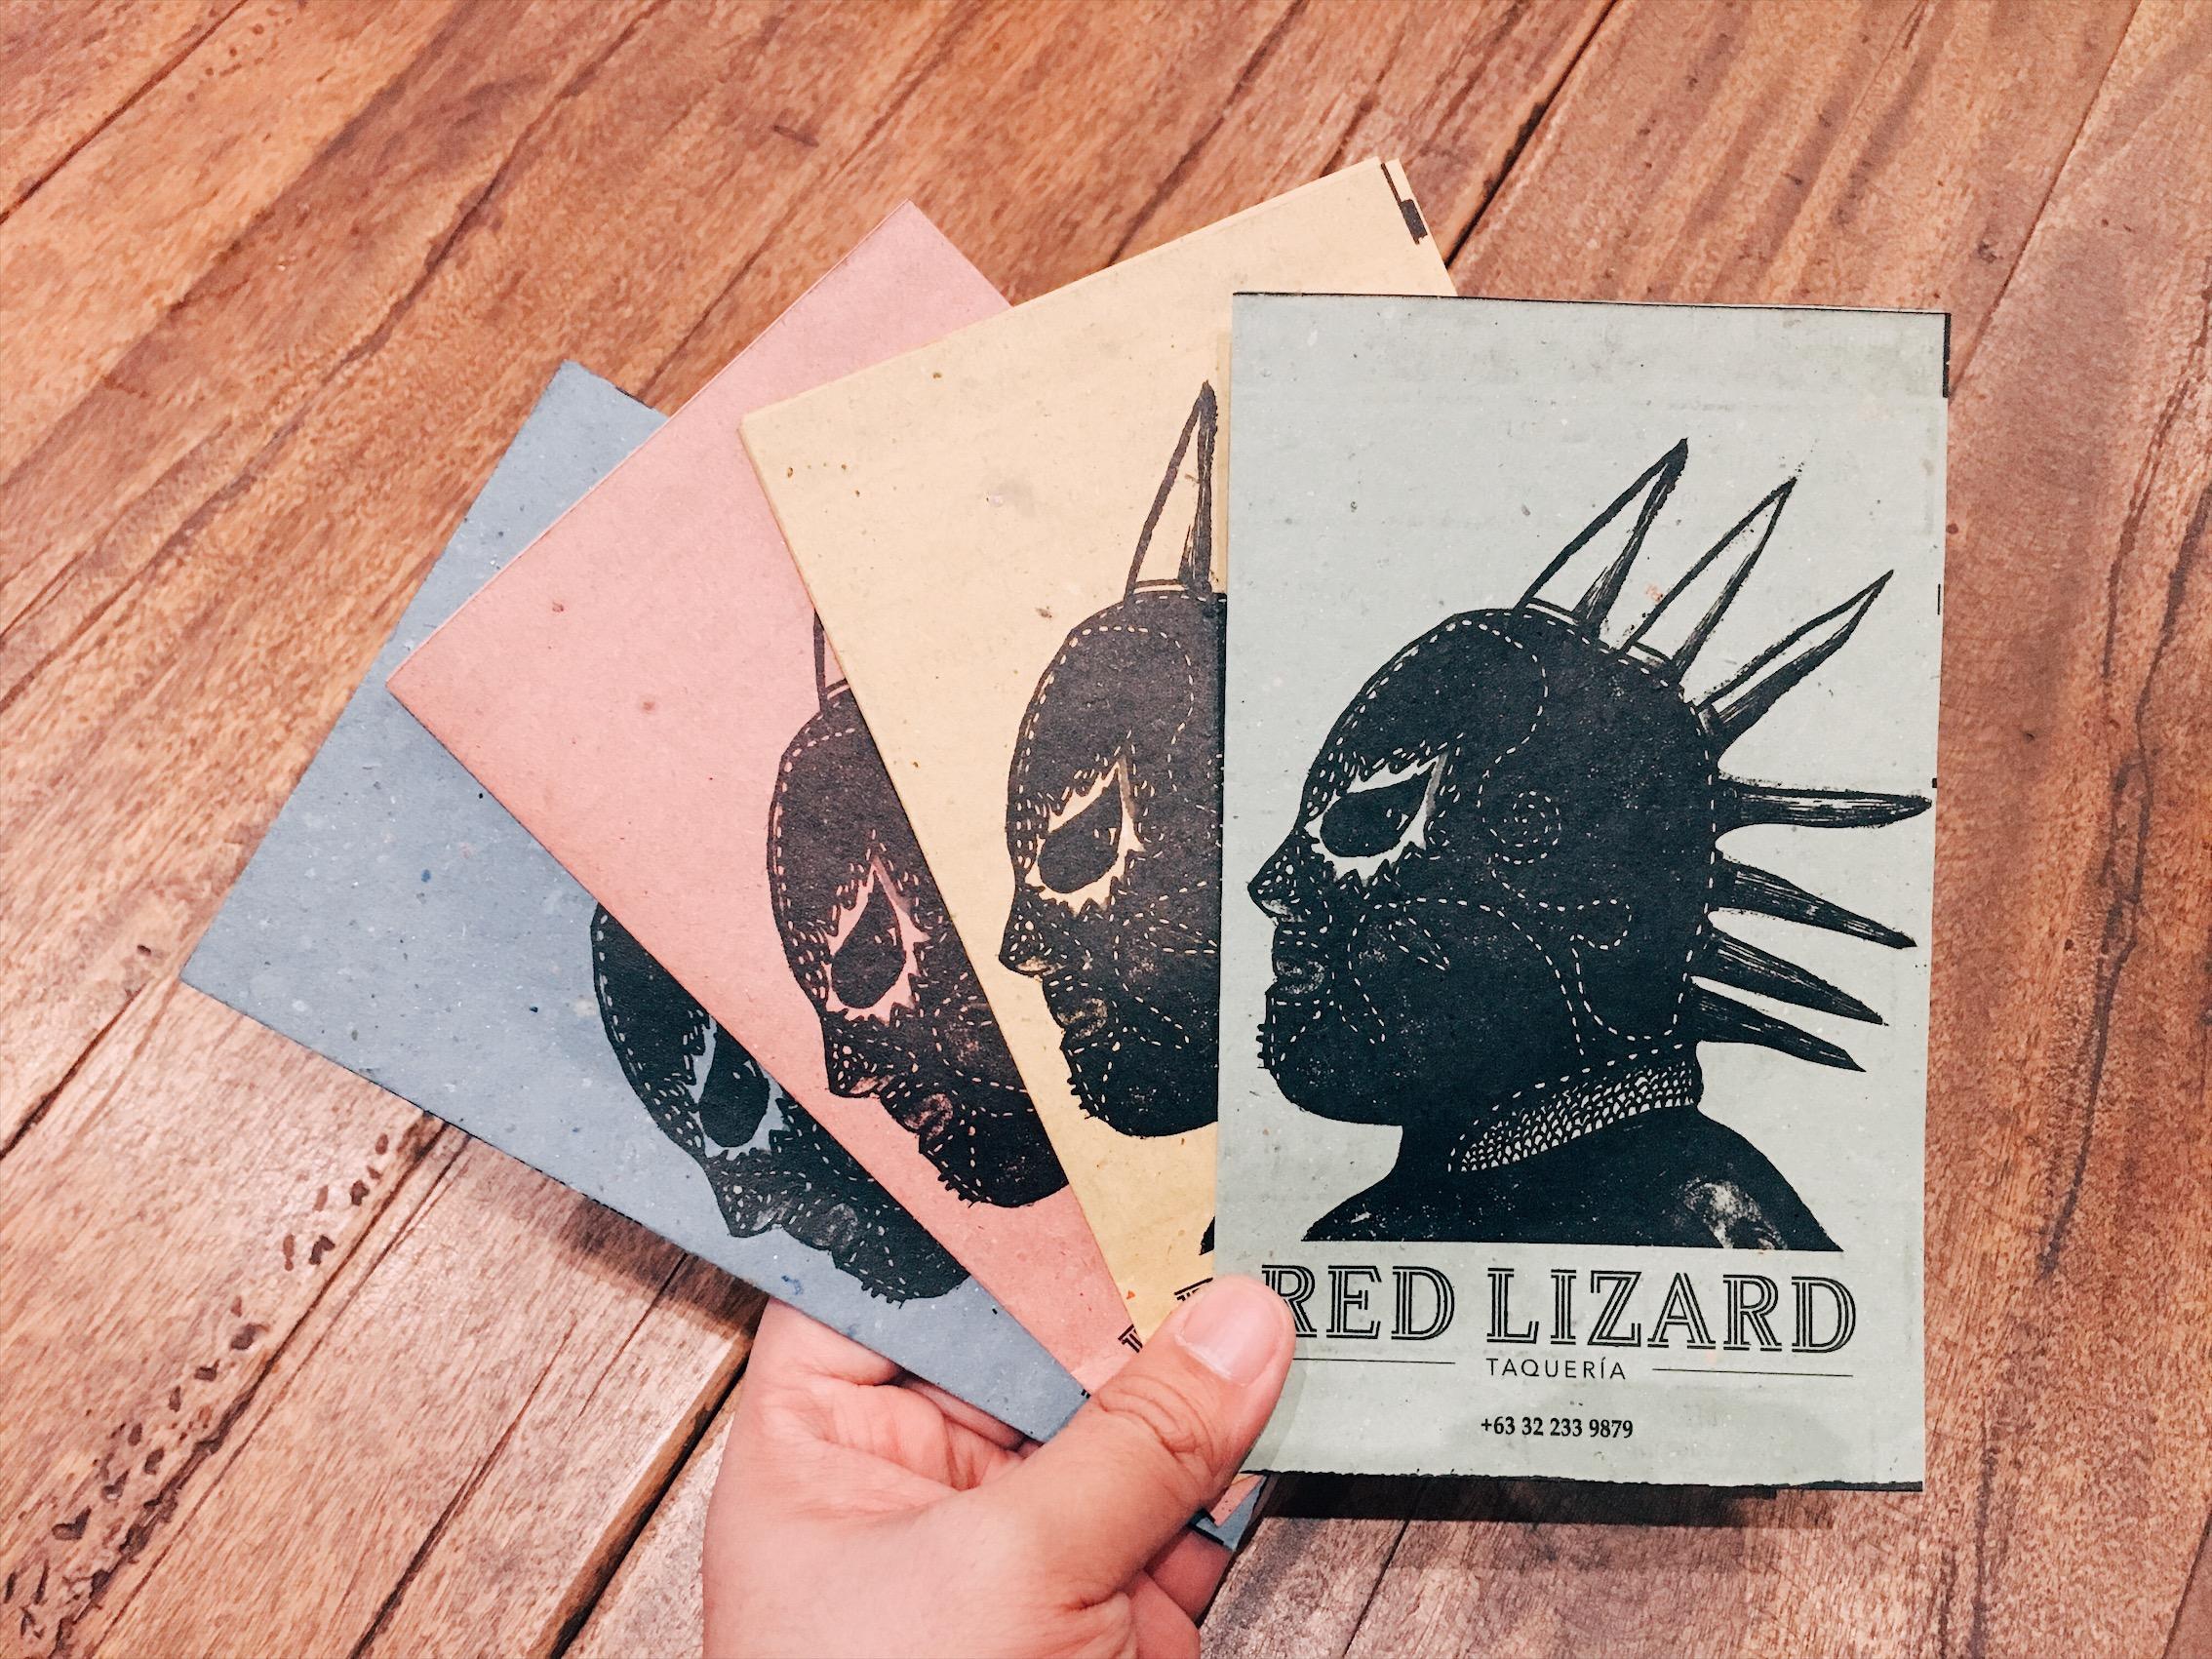 Red Lizard Cebu